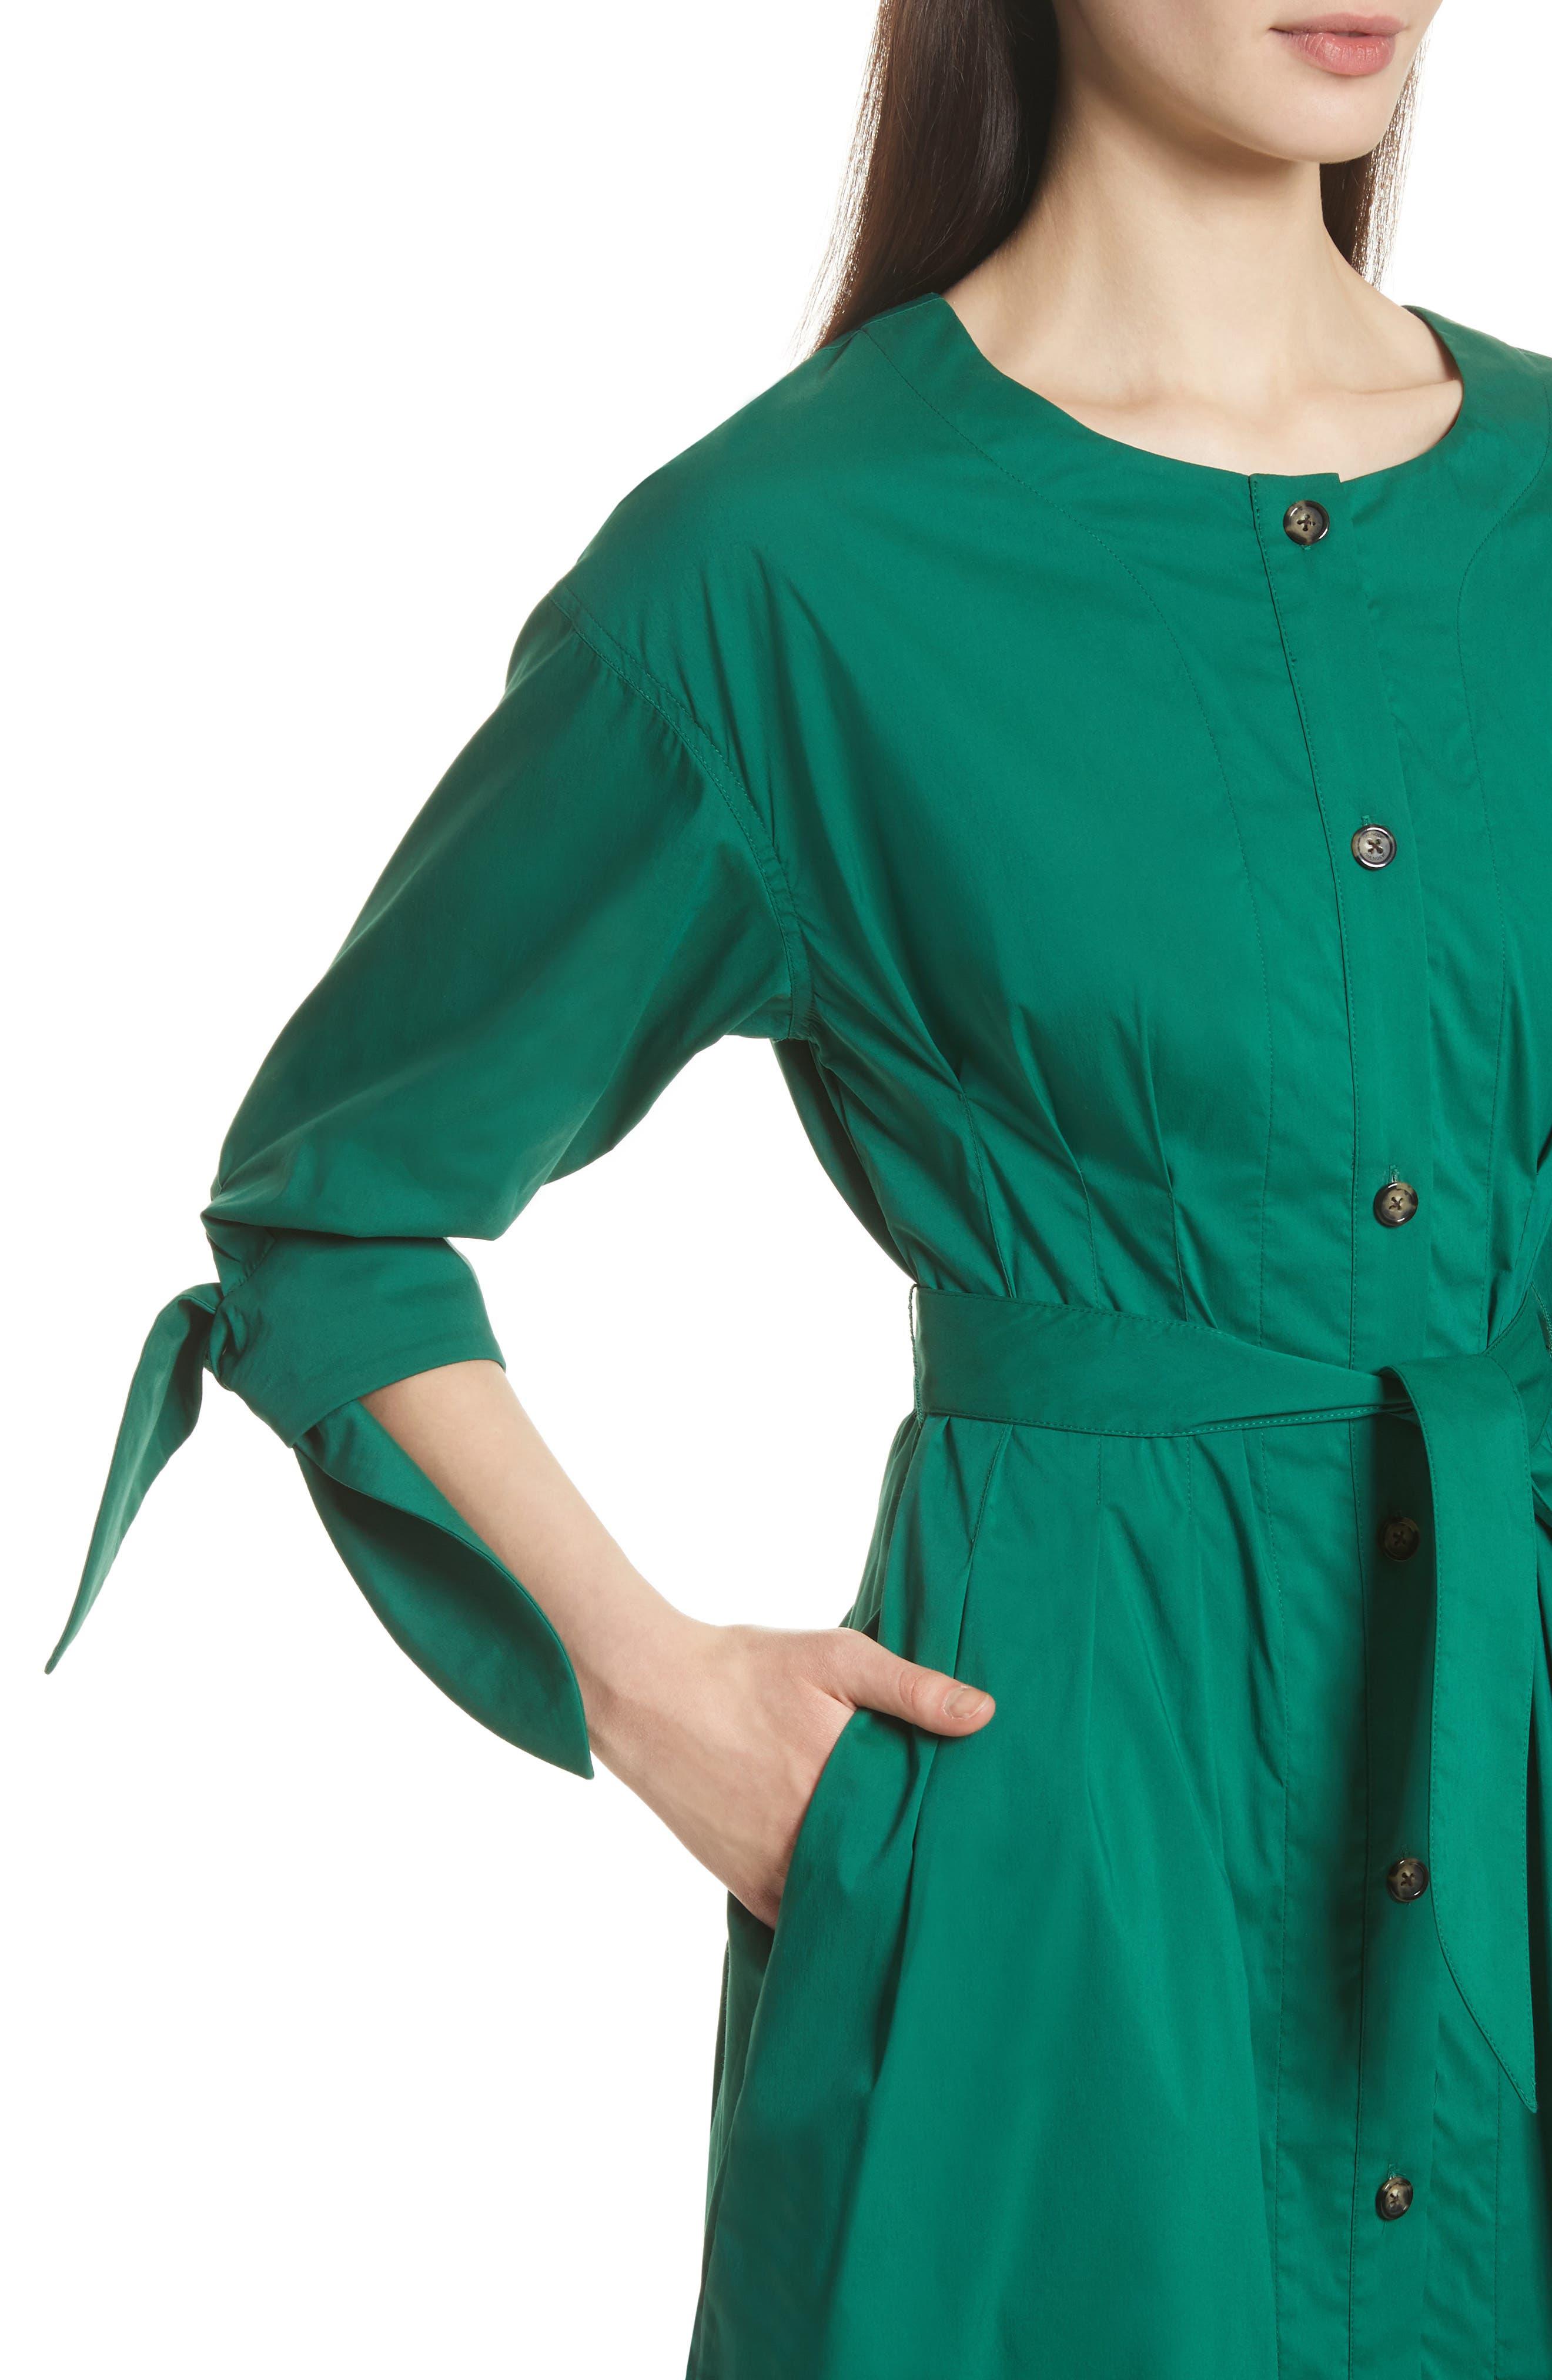 Cotton Blend Tie Dress,                             Alternate thumbnail 5, color,                             Emerald